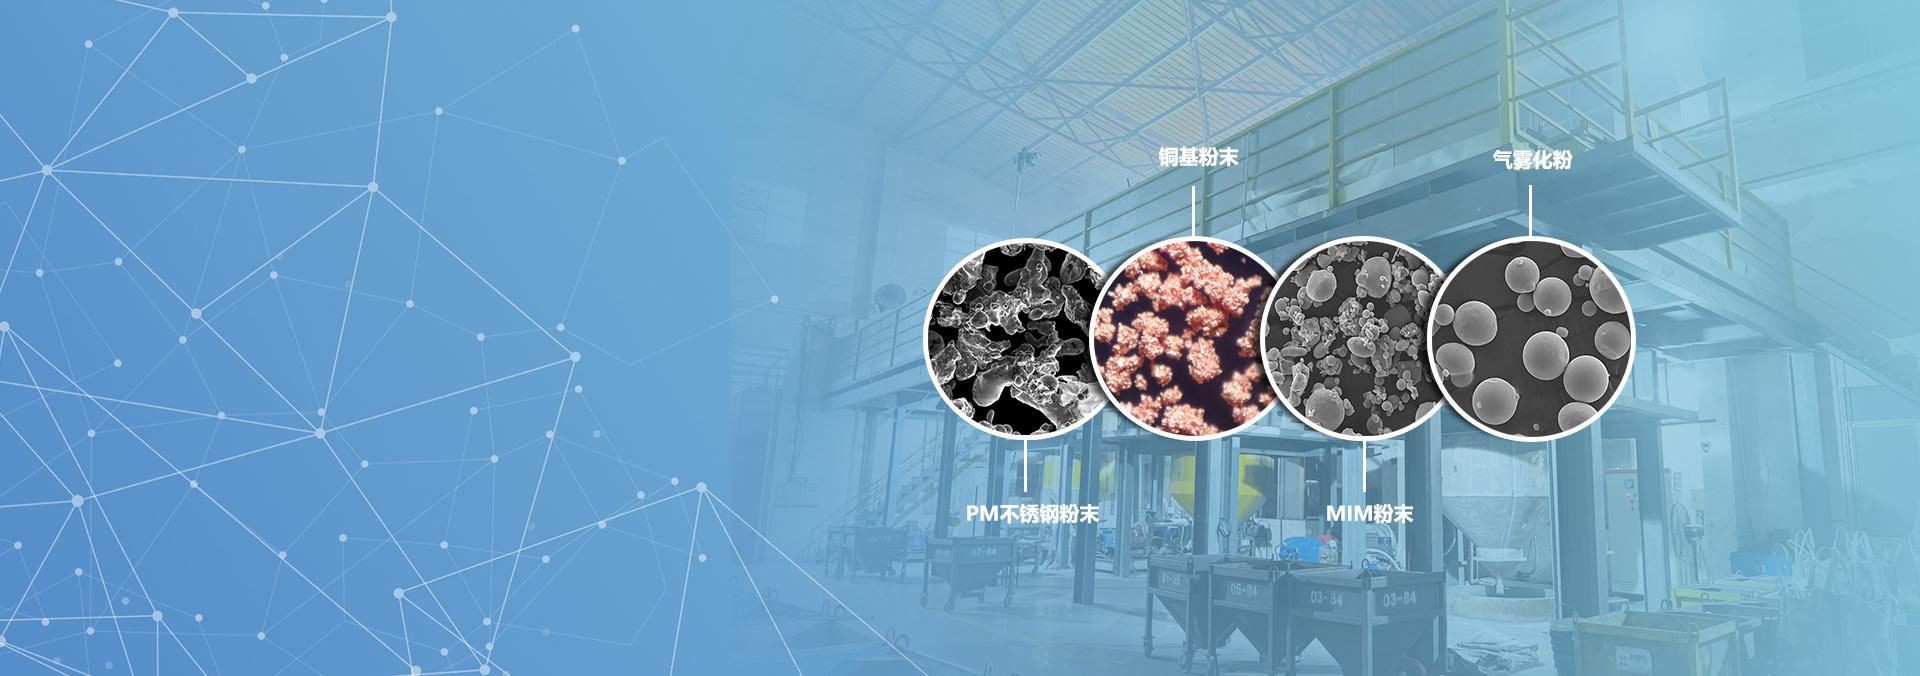 專業從事金屬粉末研發、生產、銷售</br>為一體的高新技術企業和新型材料企業